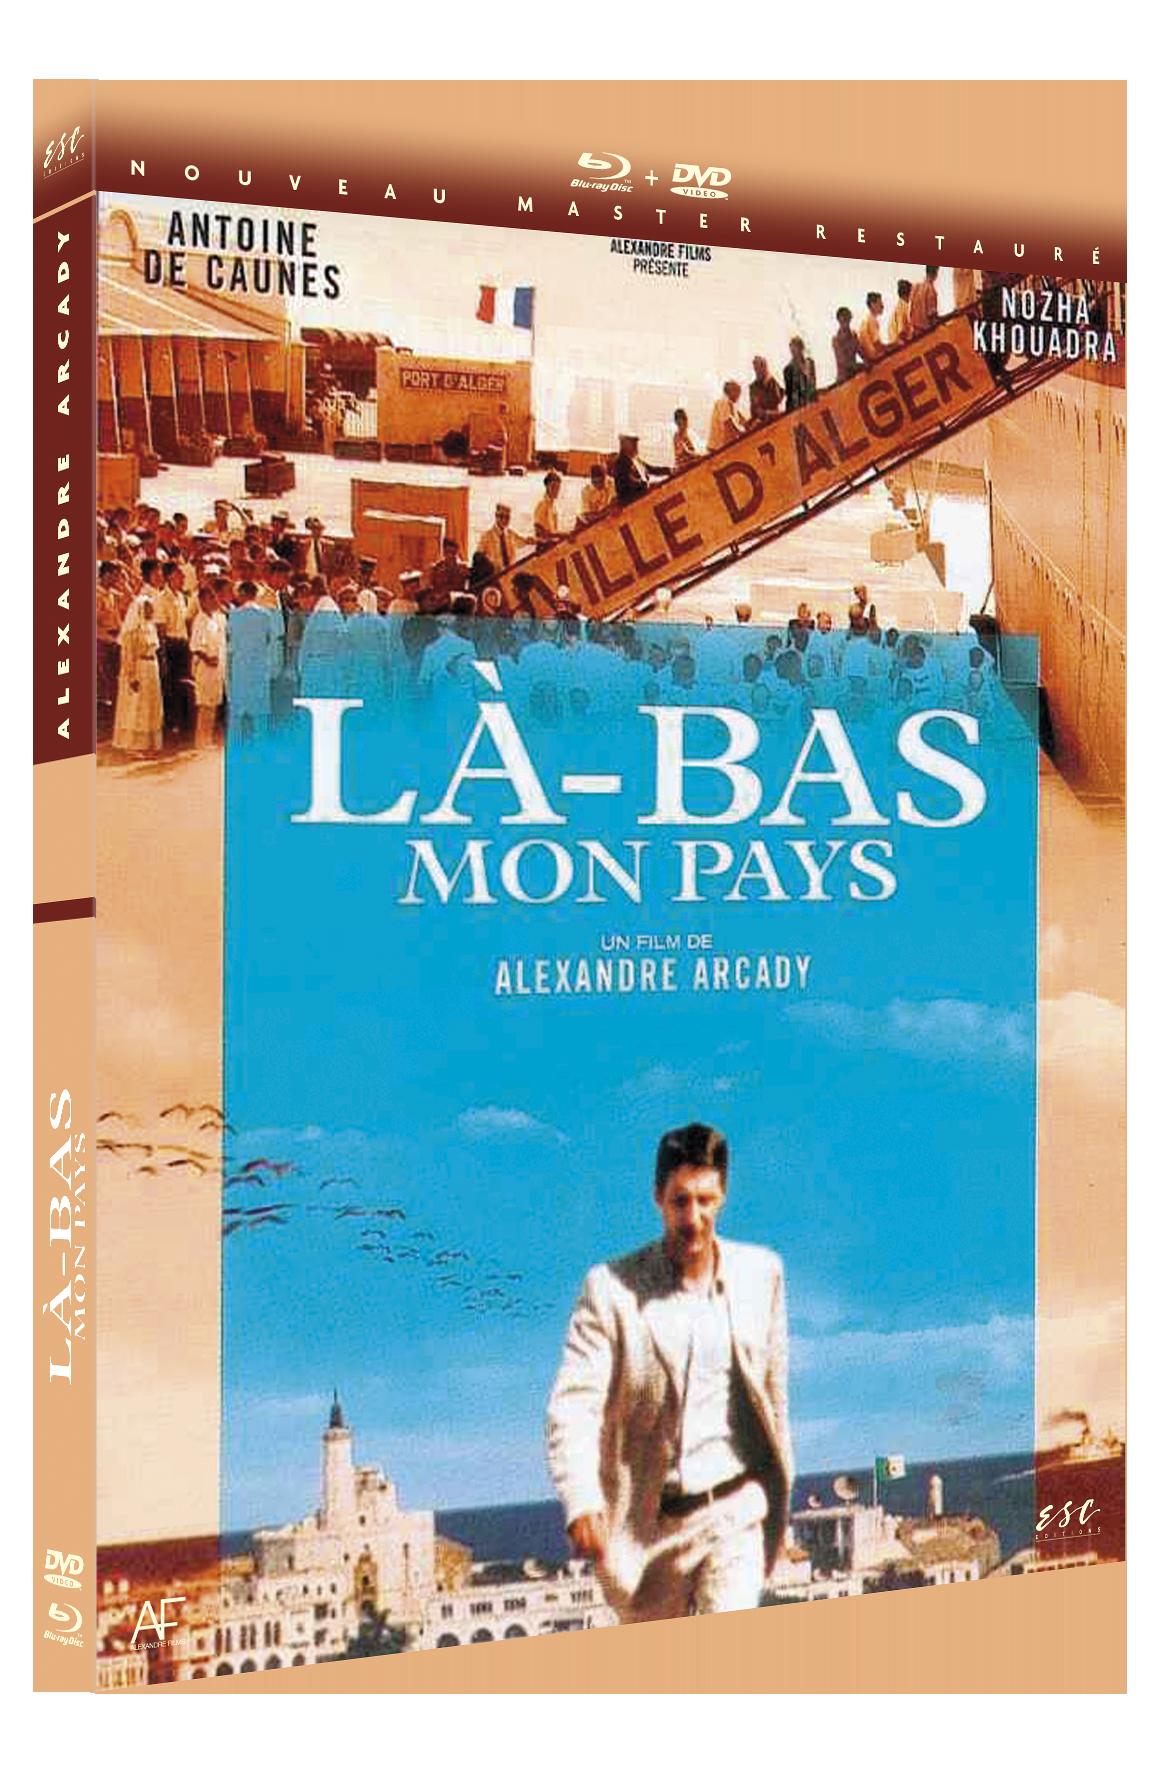 LA BAS MON PAYS - DVD + BRD